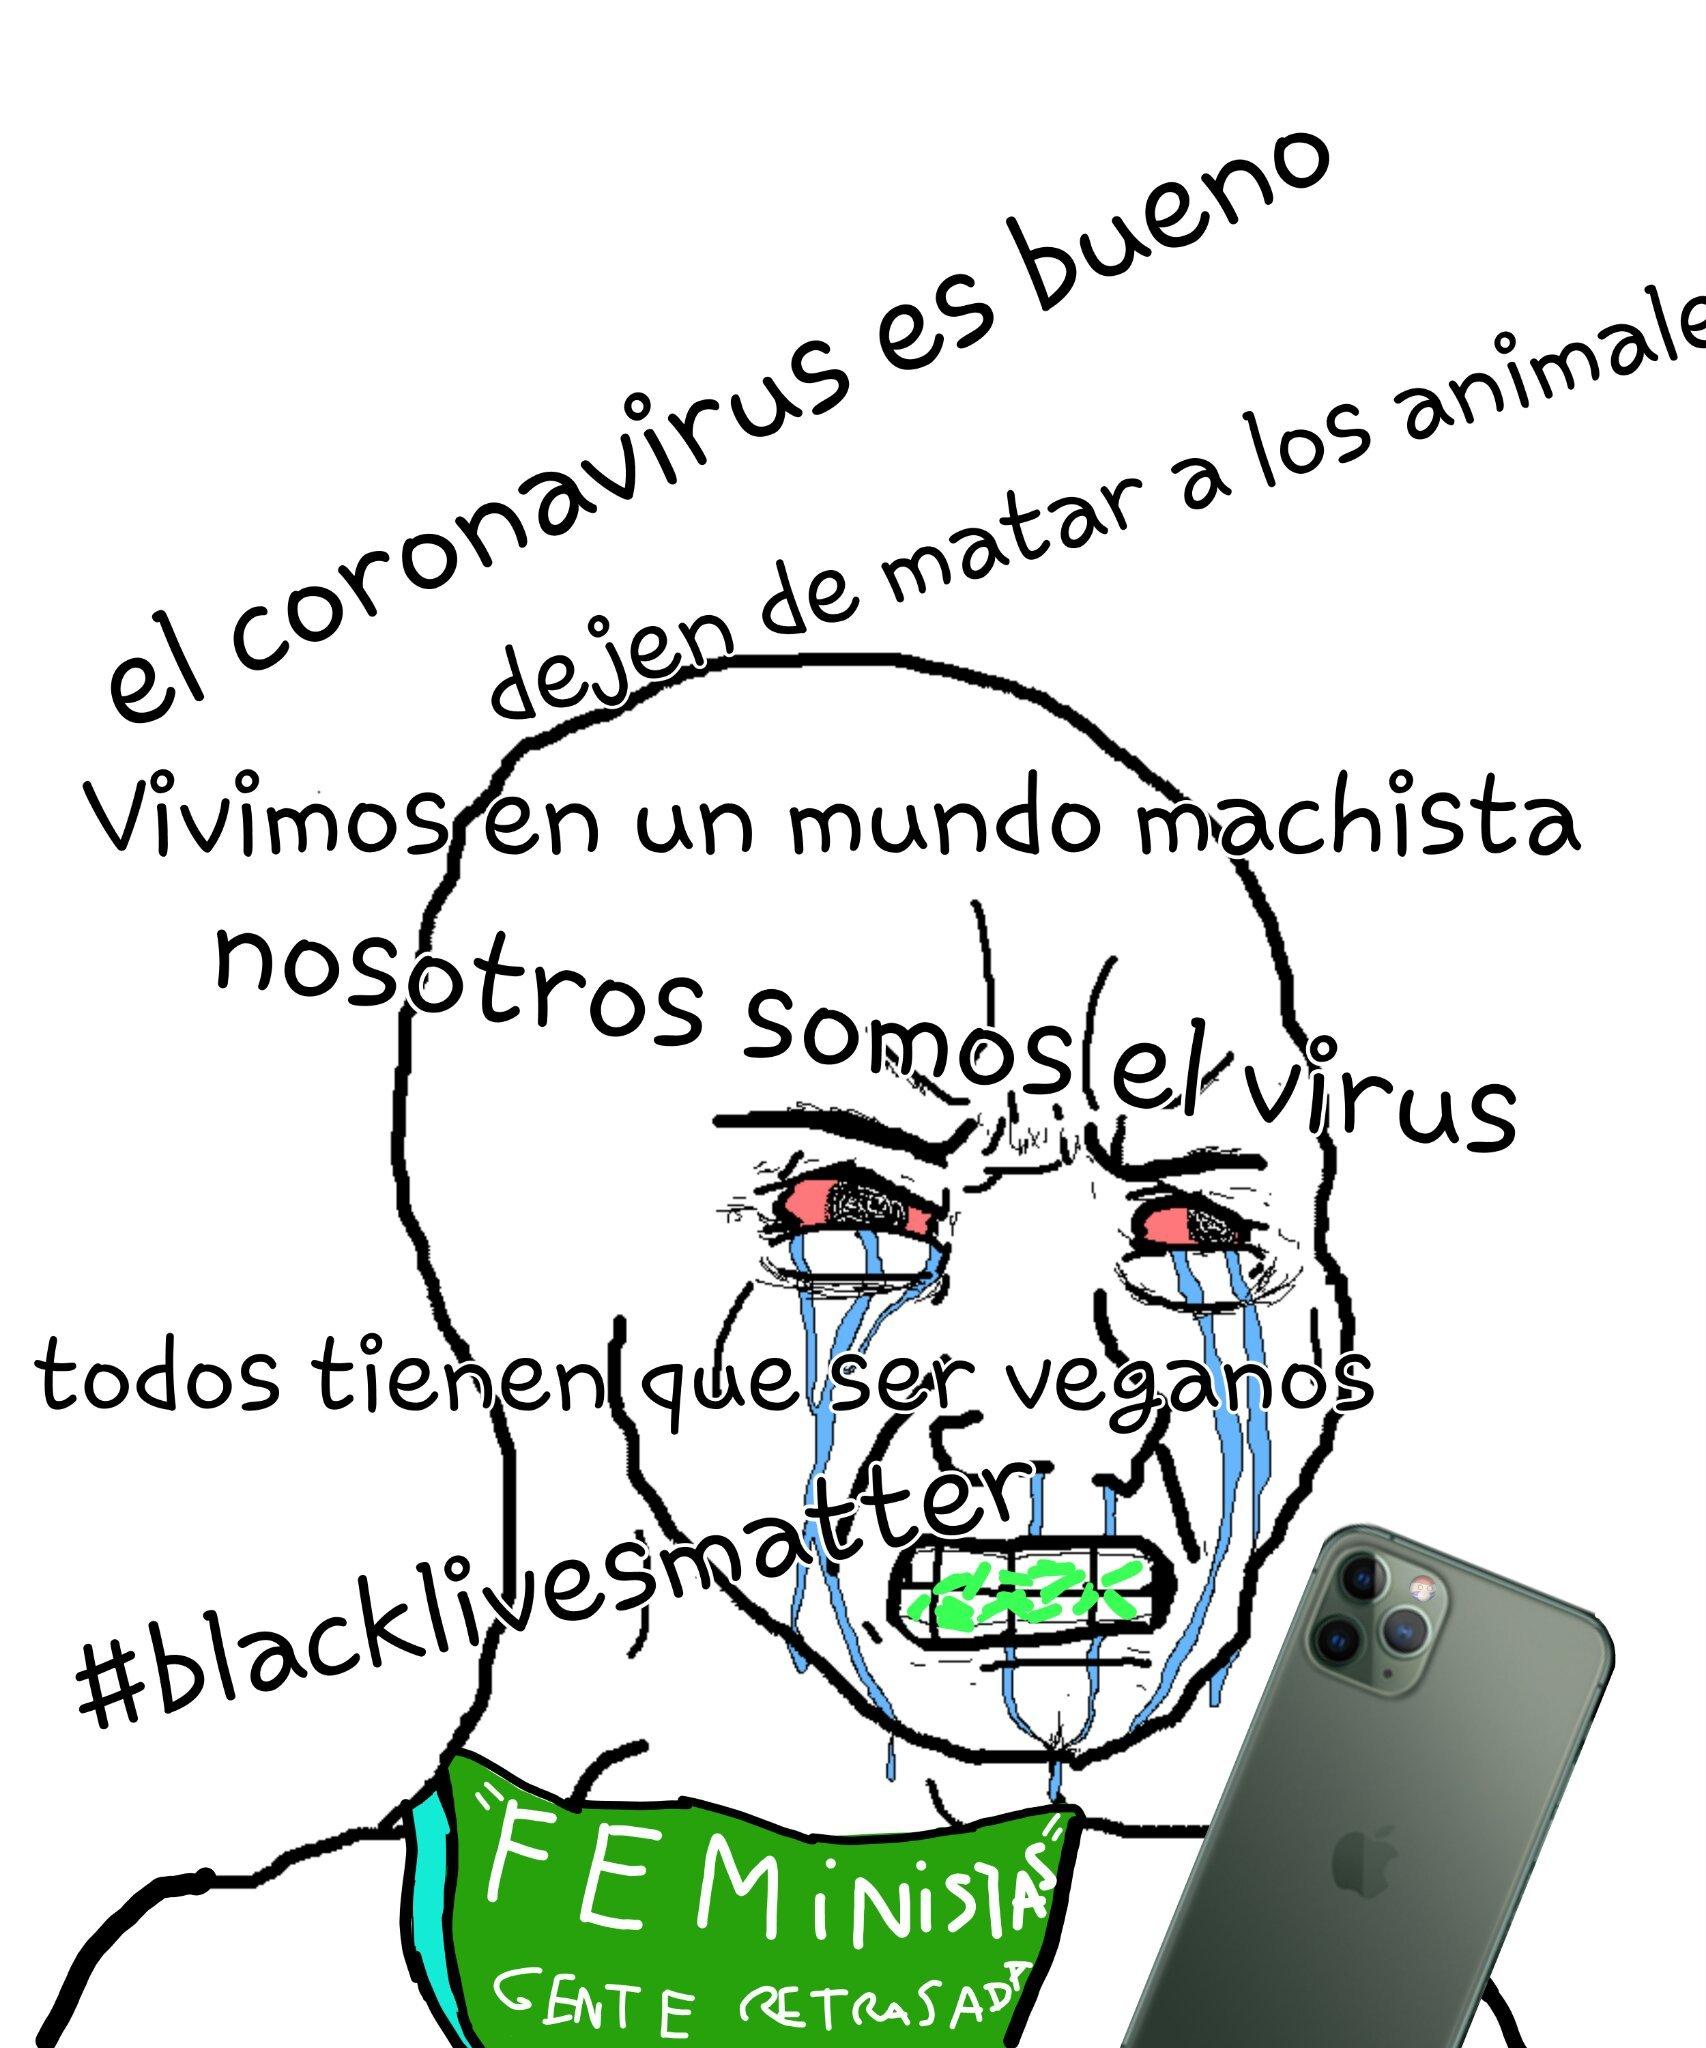 No se si el blacklivesmatter es algo serio pero igual lo puse perdonenme si es algo serio - meme